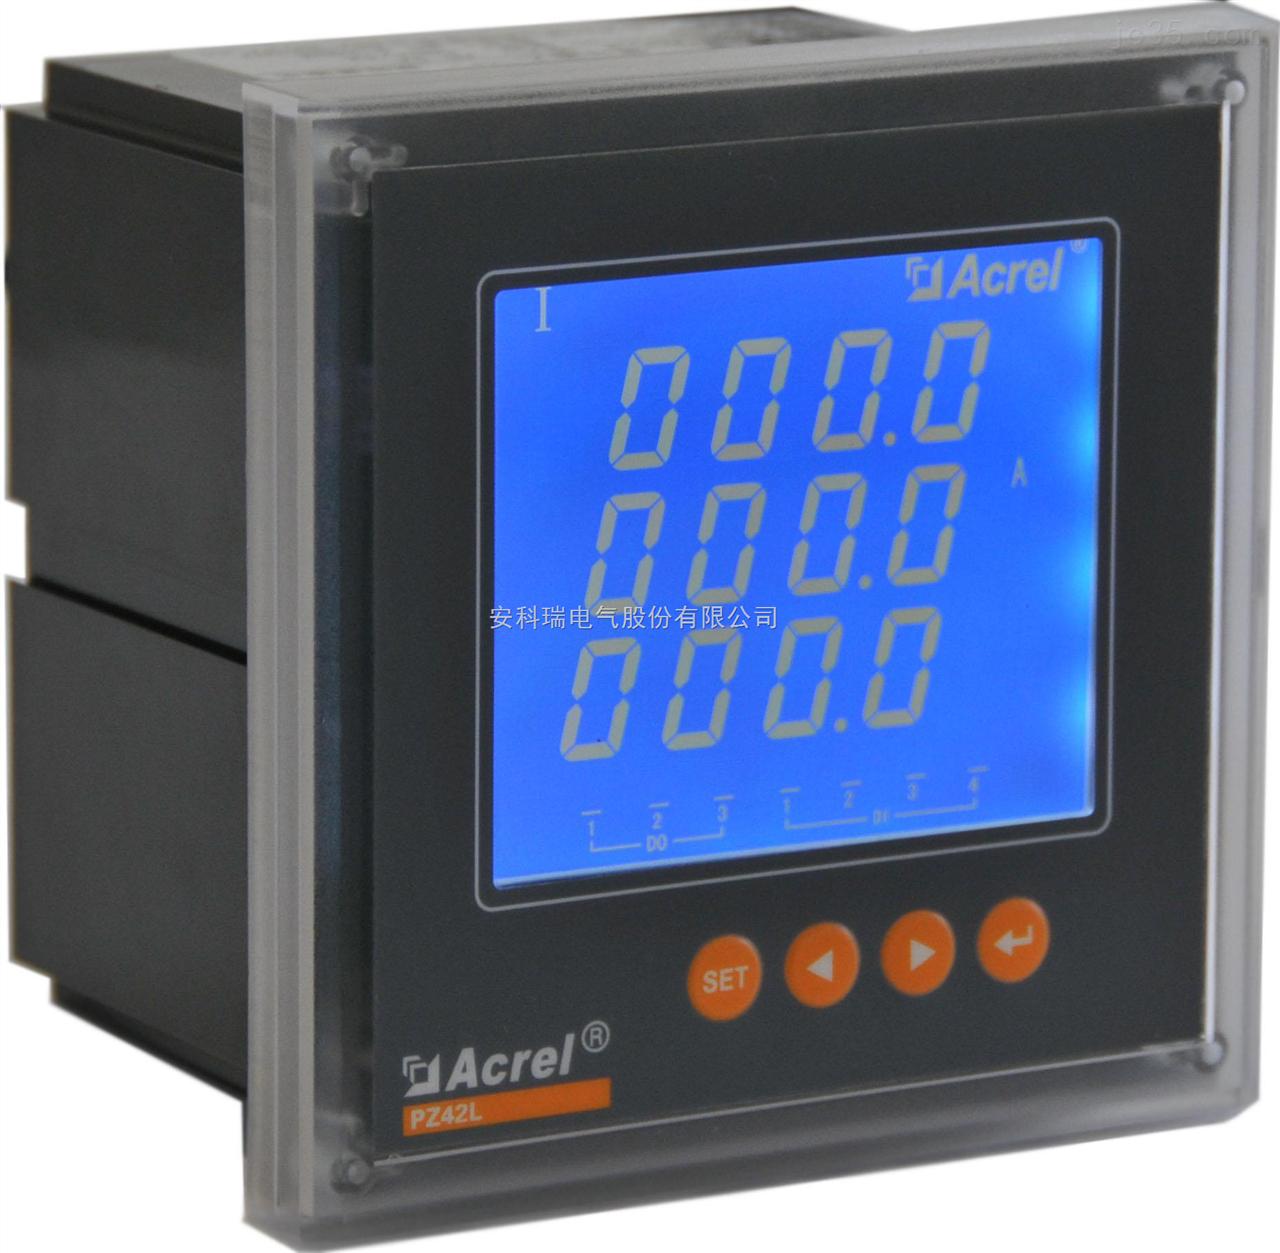 安科瑞方形液晶三相电流表PZ96L-AI3厂家直销